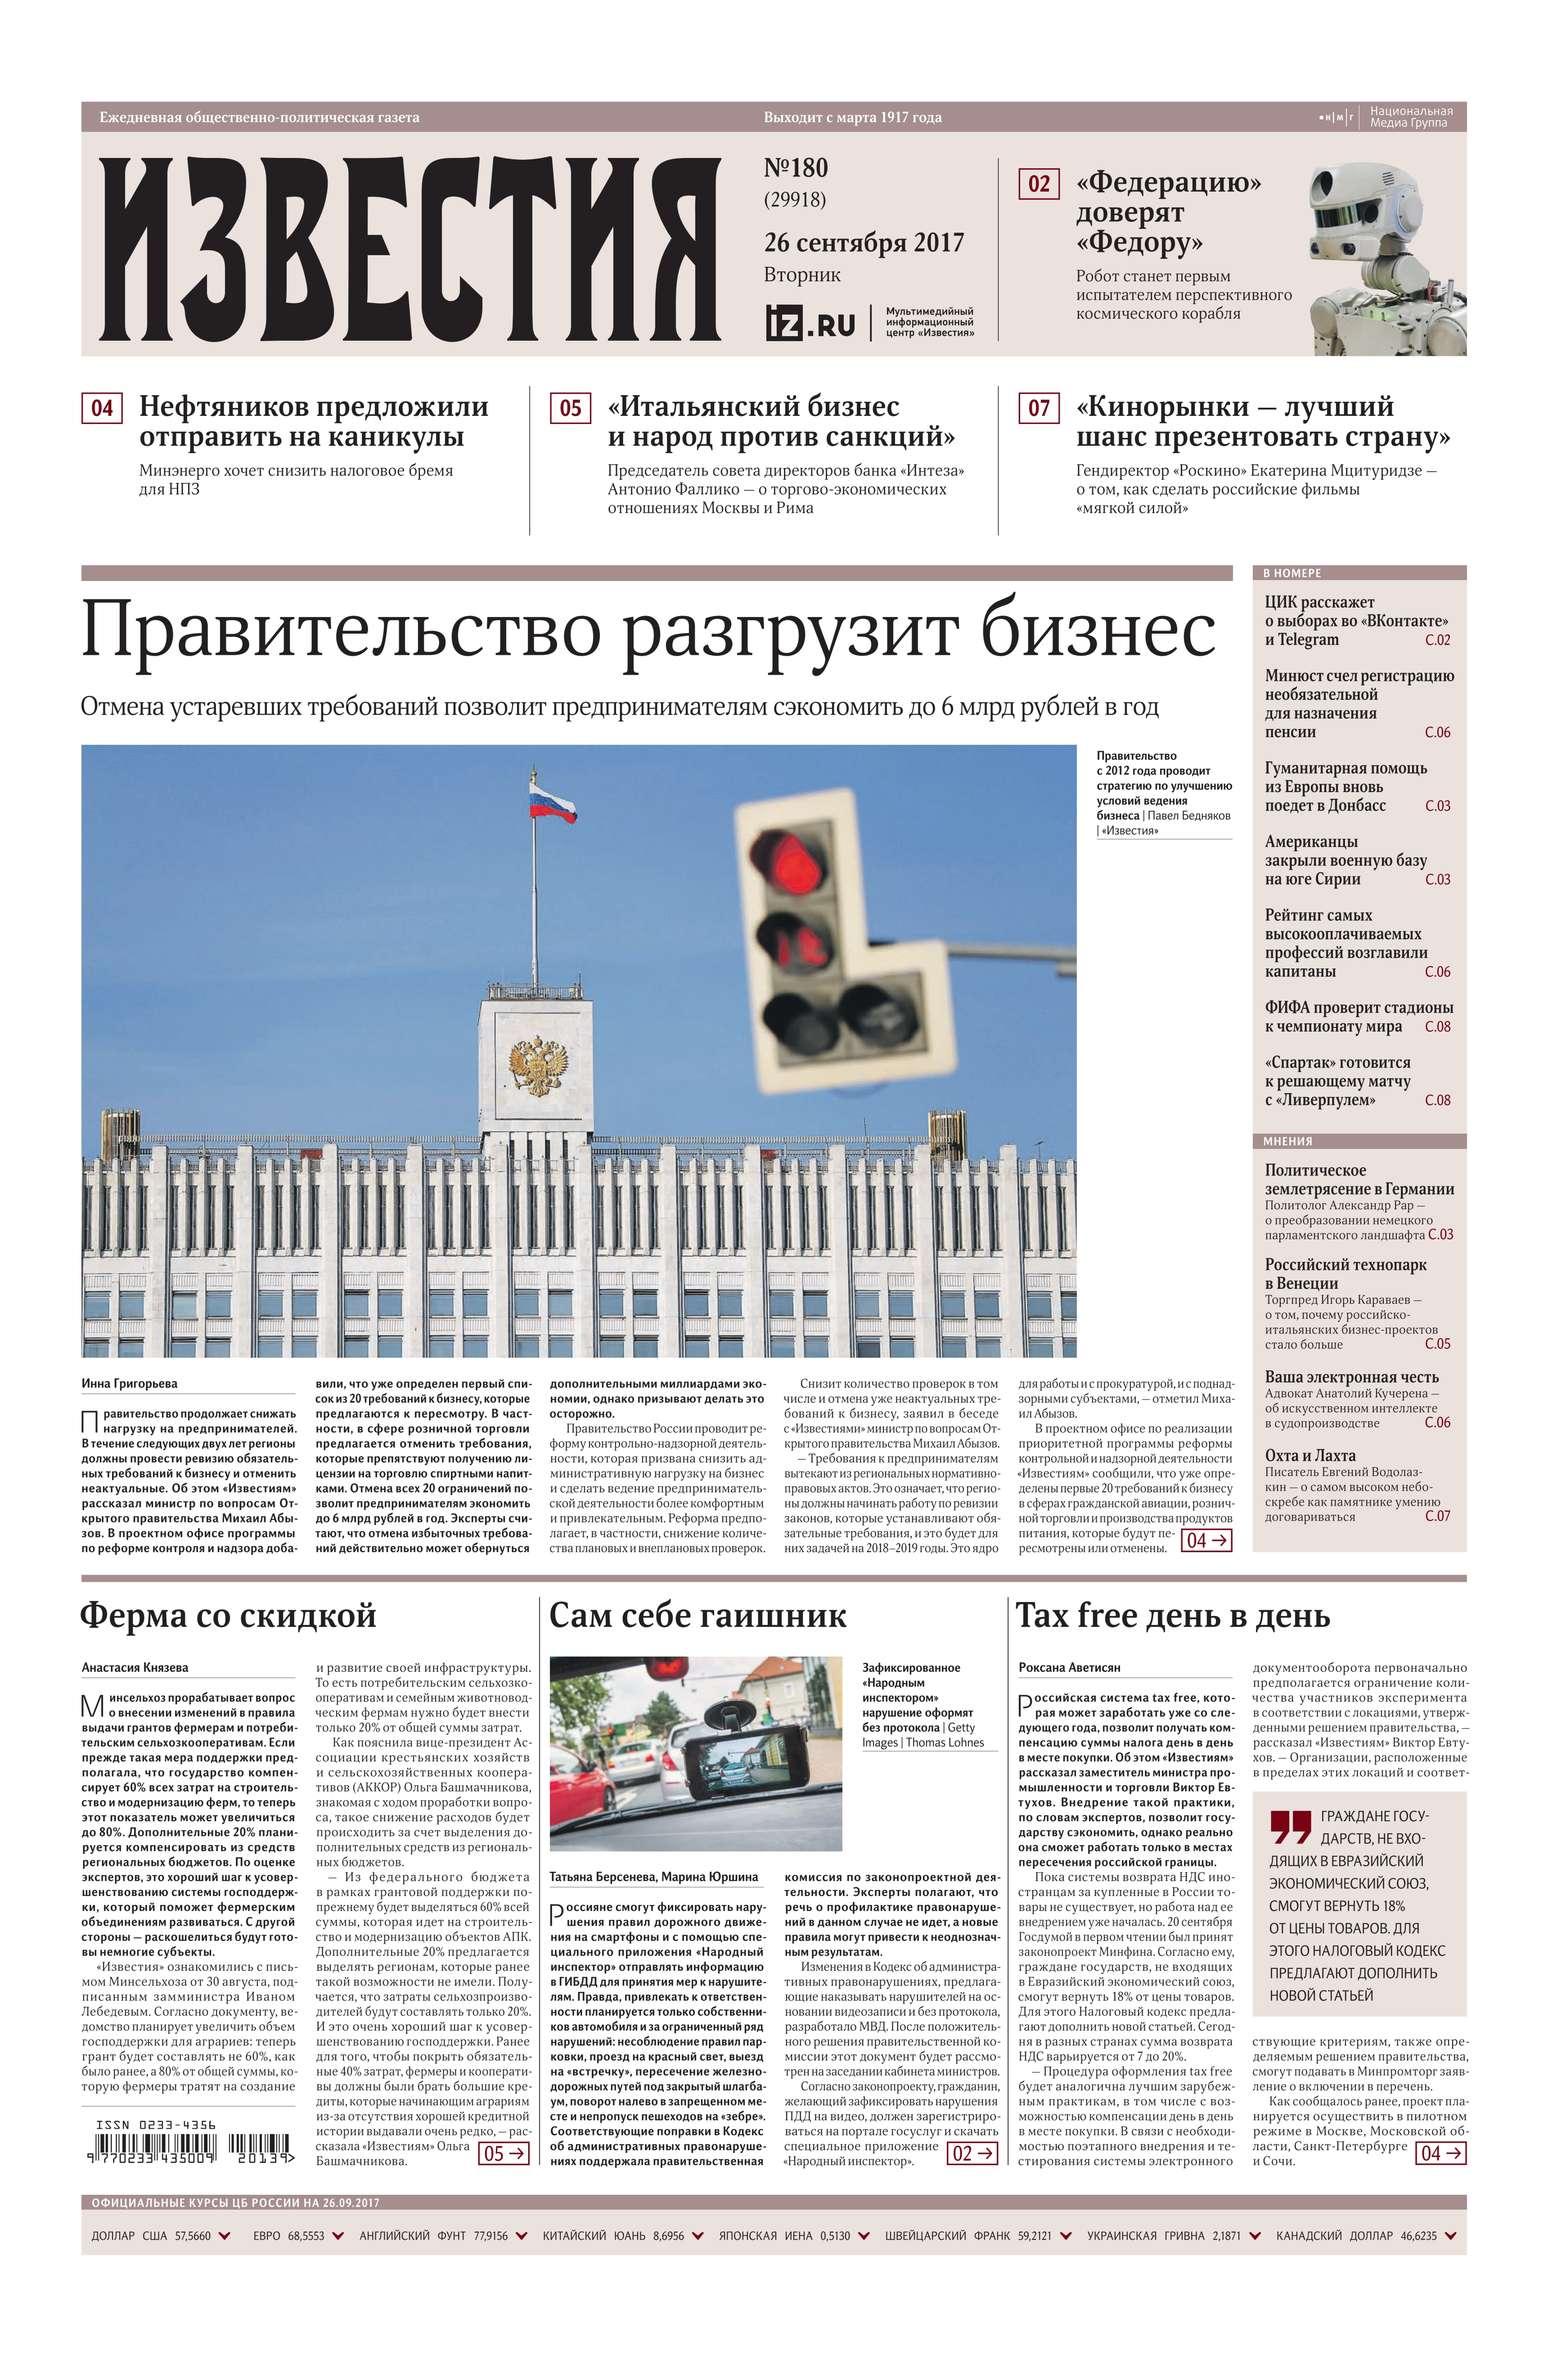 Редакция газеты Известия Известия 180-2017 цена